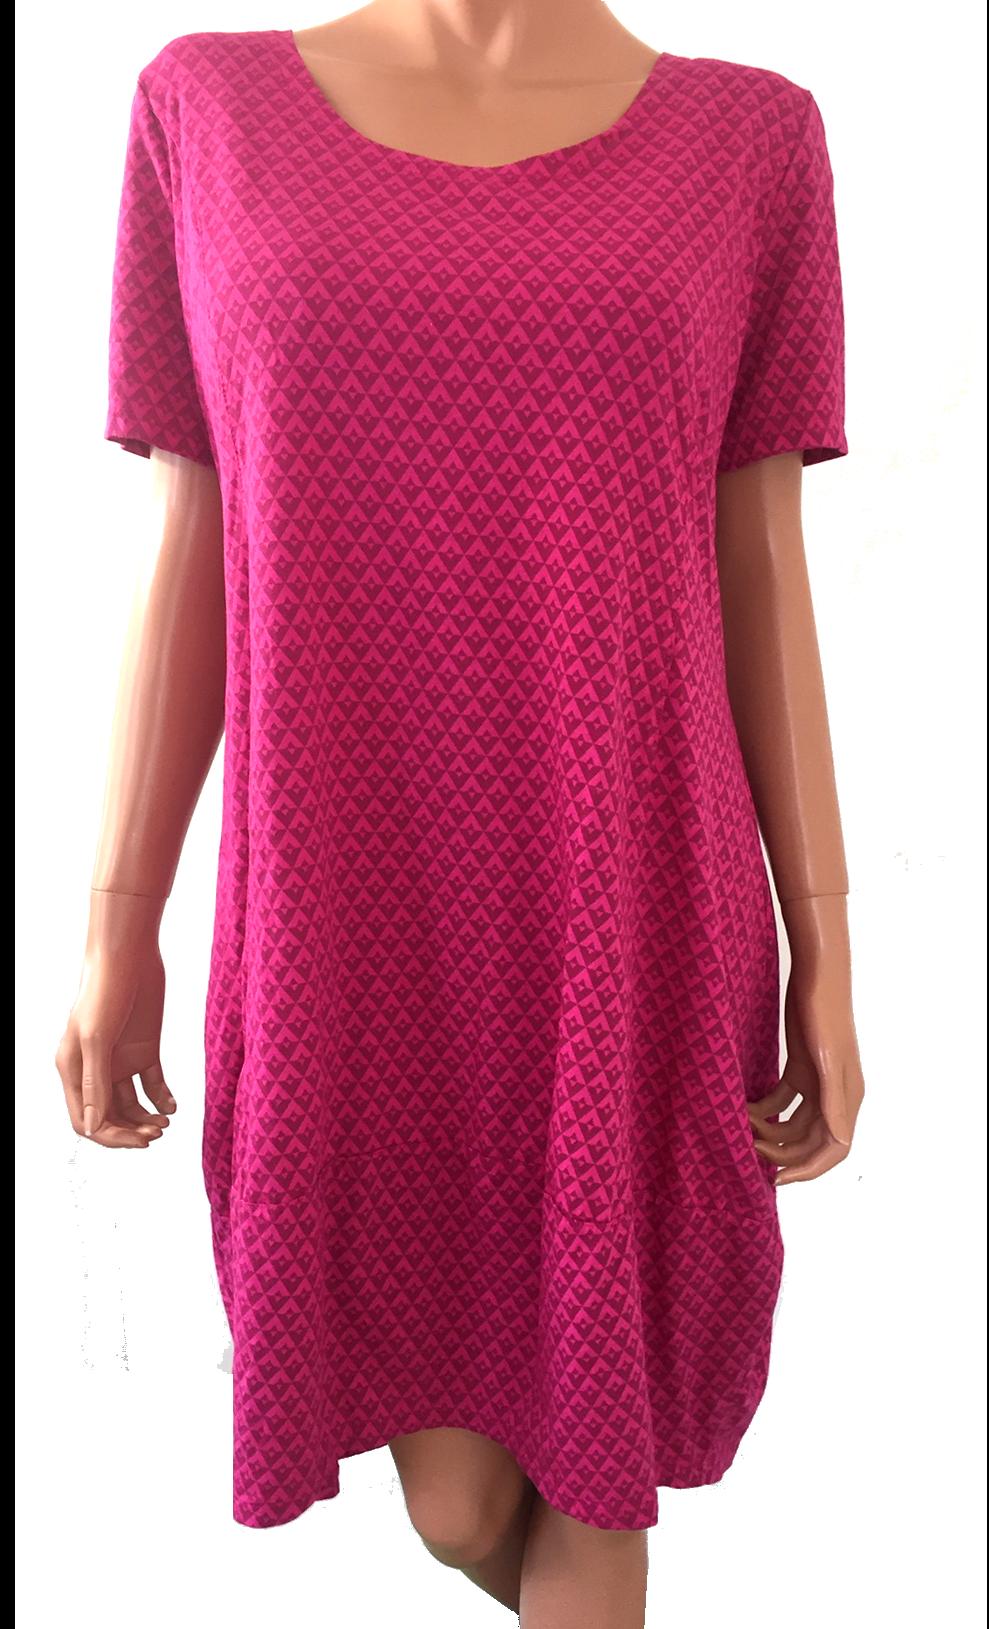 3e40f2fe Ballon kjole små trekanter - kort ærme - Pink - Ballon Kjoler - Mamelukken